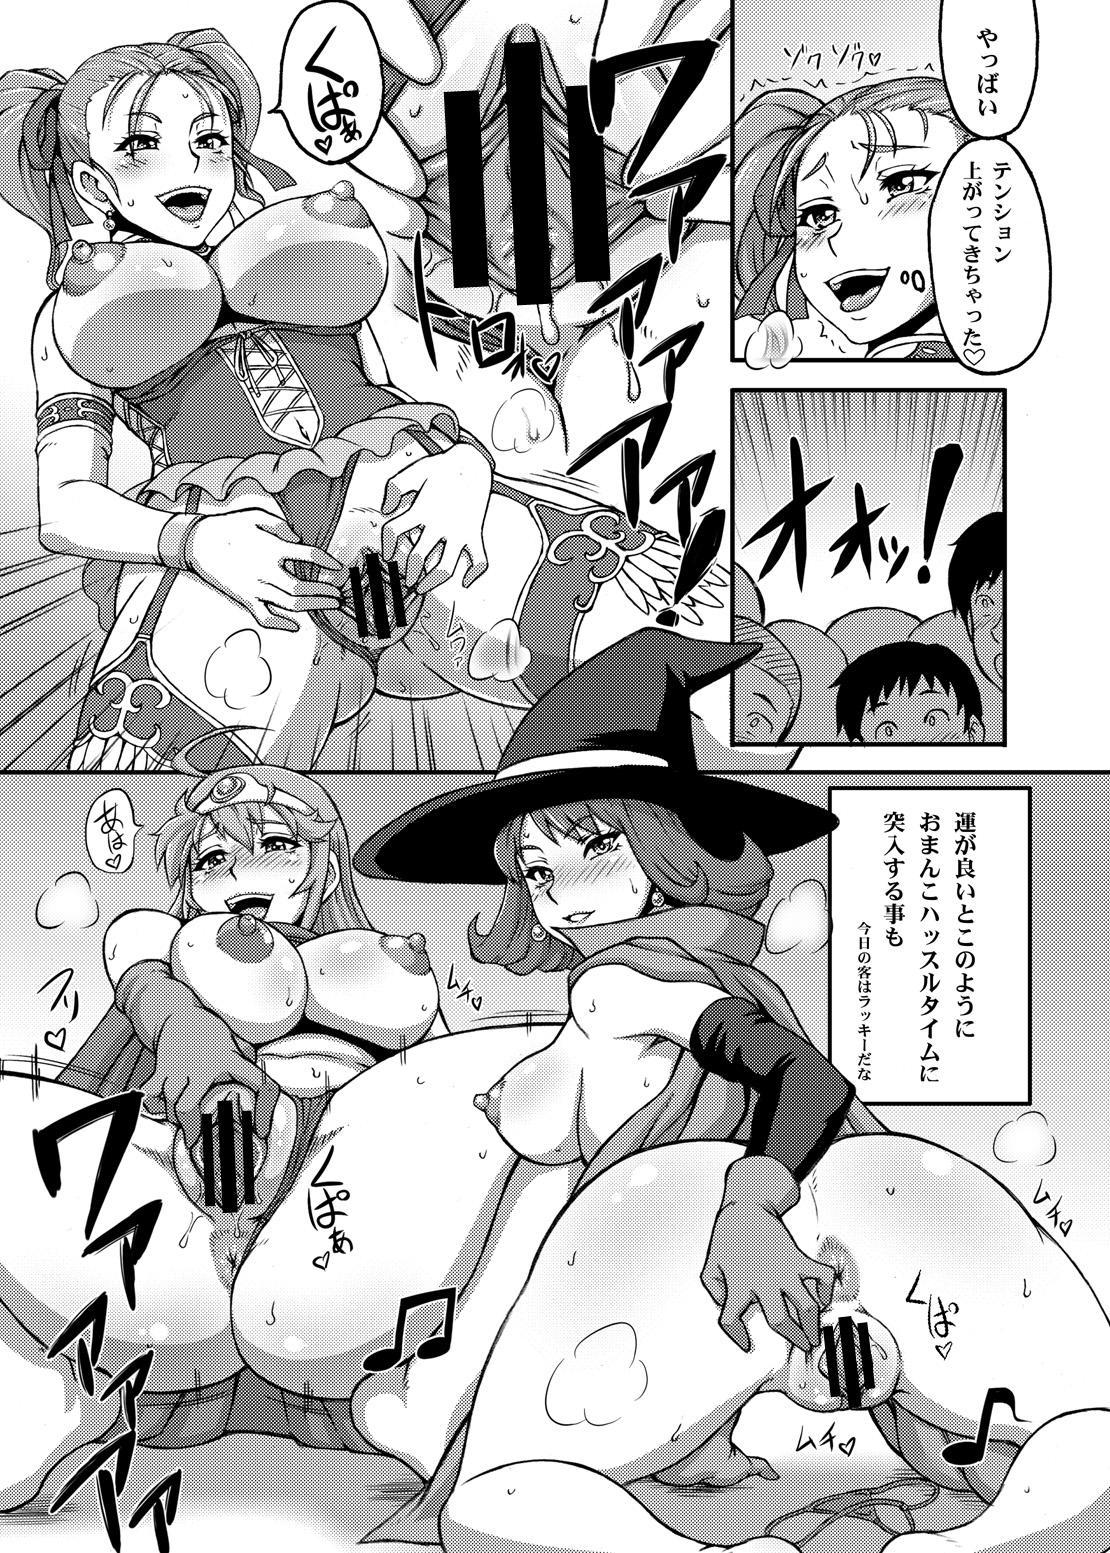 Dragon Queen's 3